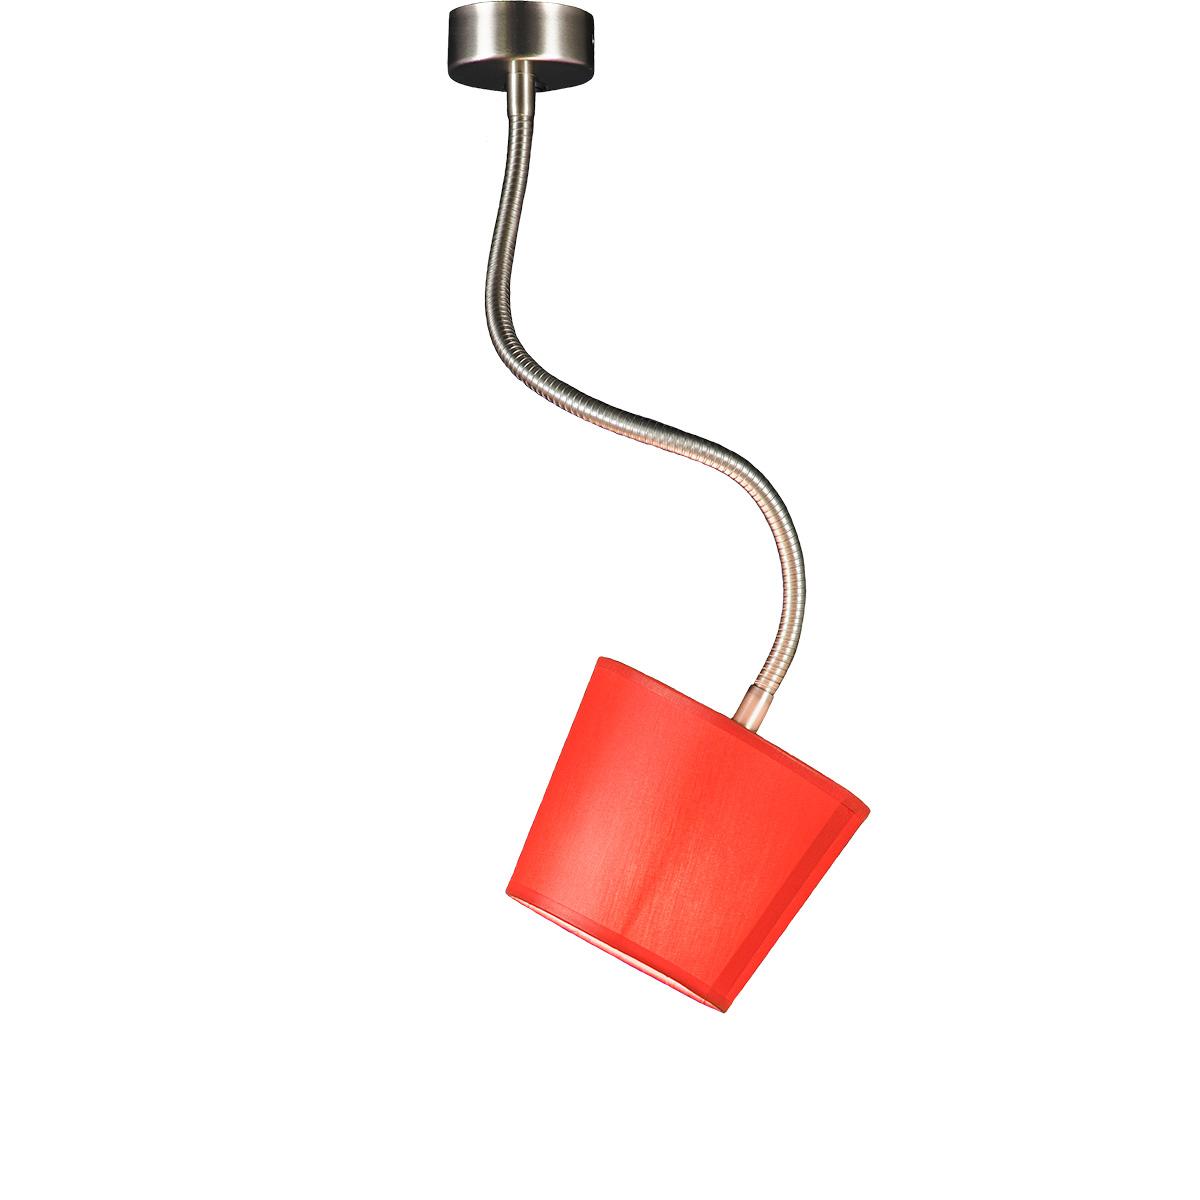 Εύκαμπτο φωτιστικό με καπέλο FLEX flexible suspension lamp with shade